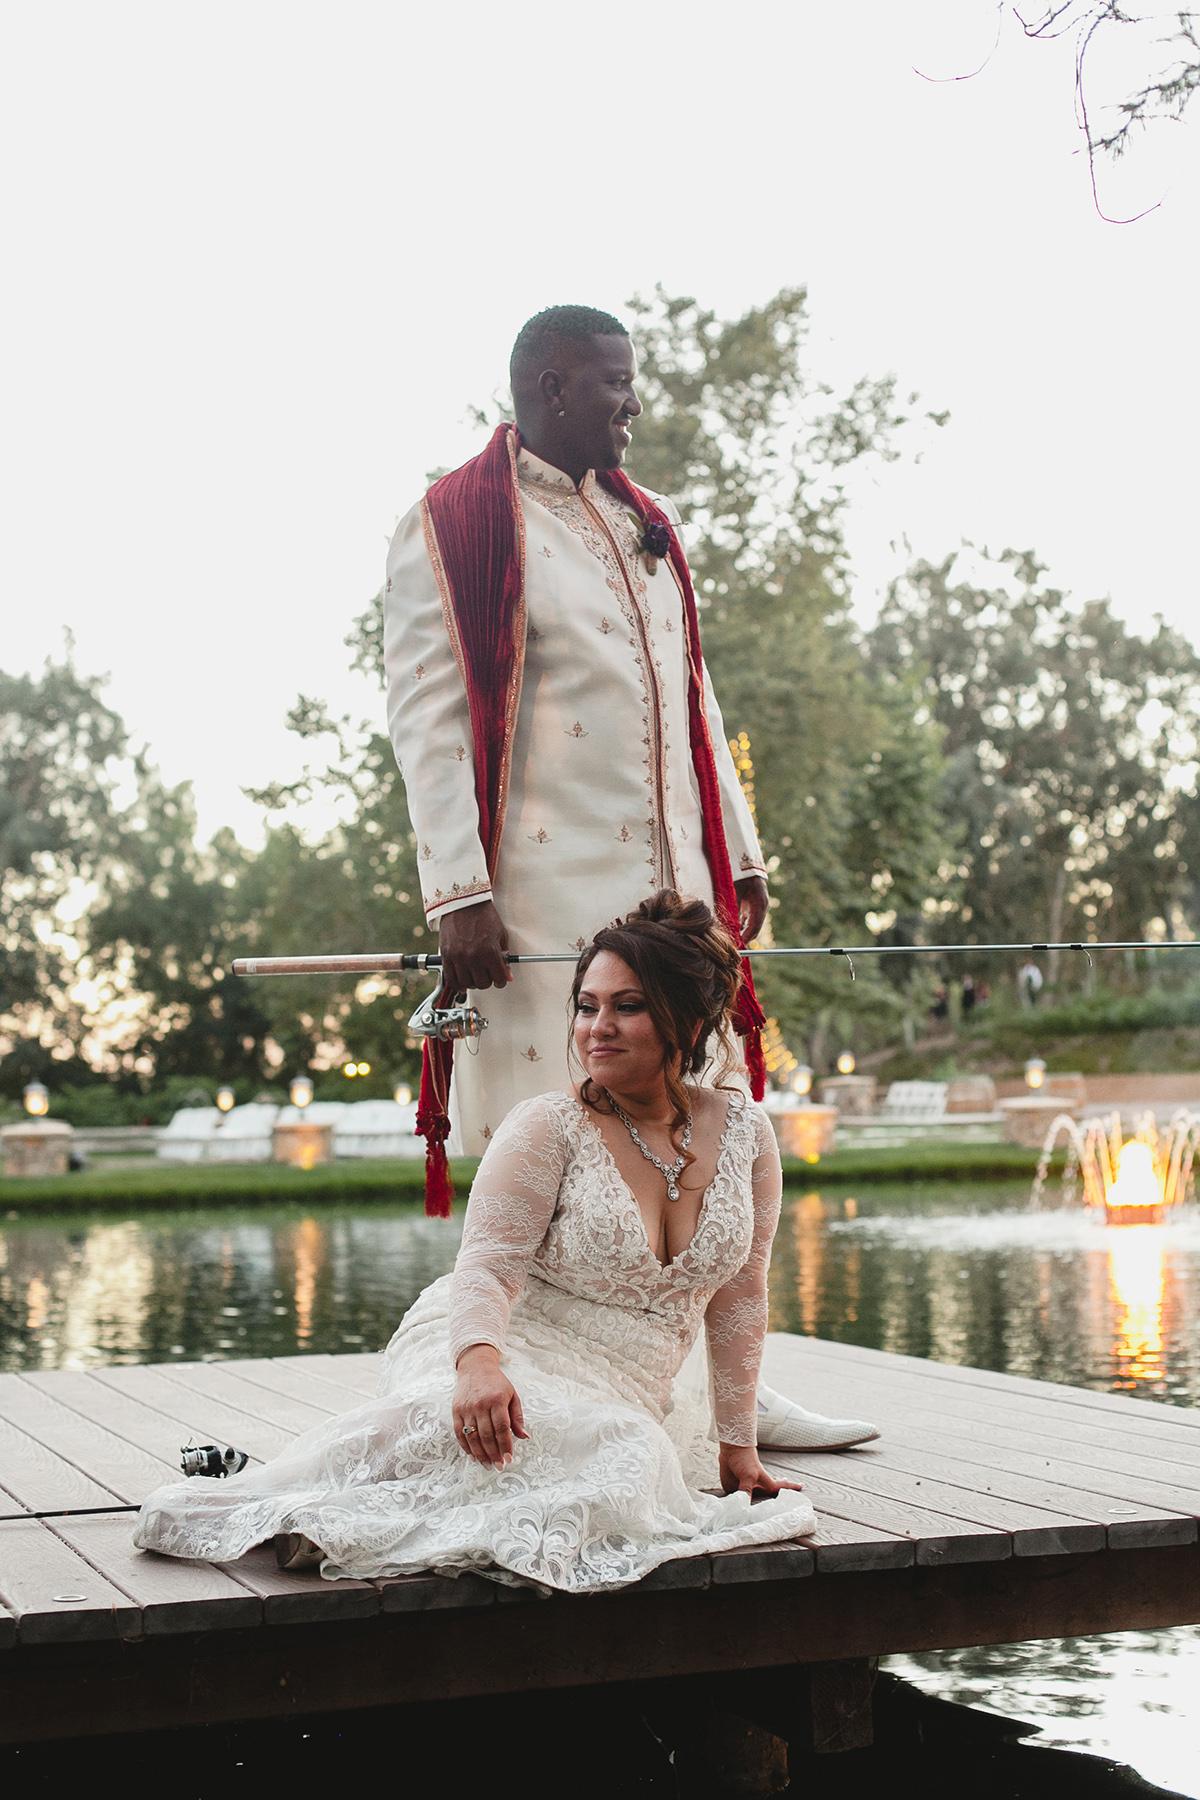 jas_theo_lakeoak_meadows_wedding_-087.jpg